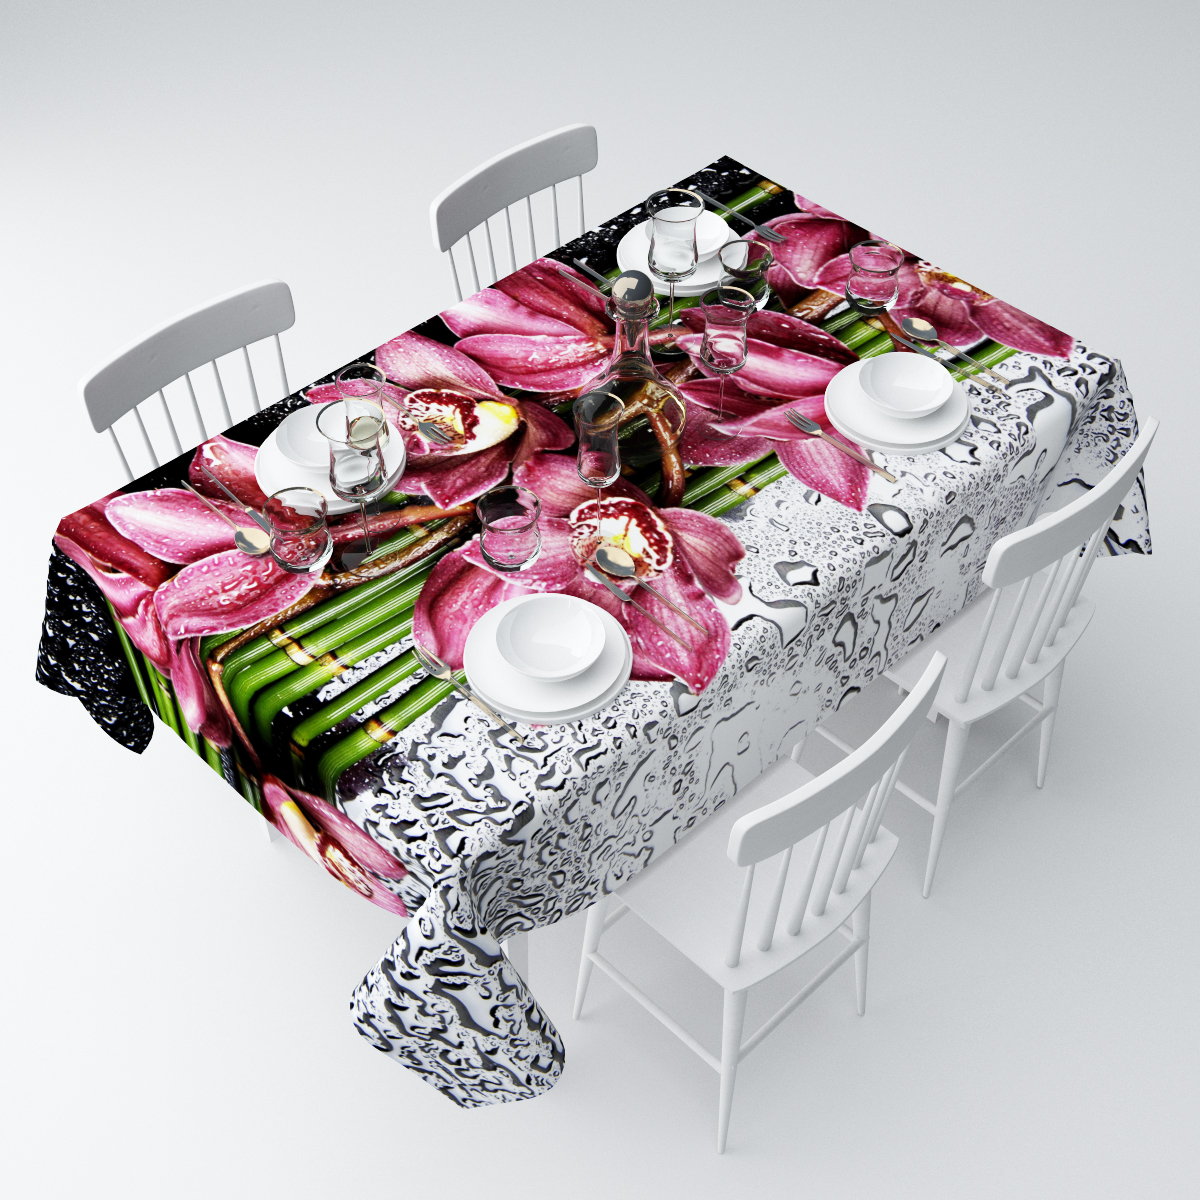 Скатерть Сирень Распустившаяся орхидея, прямоугольная, 145 х 120 смСКГБ003-03849Прямоугольная скатерть Сирень Распустившаяся орхидея, выполненная изгабардина с ярким рисунком, преобразит вашу кухню, визуальнорасширит пространство, создаст атмосферу радости и комфорта.Рекомендации по уходу: стирка при 30 градусах, гладить при температуре до 110градусов. Размер скатерти: 145 х 120 см.Изображение может немного отличаться от реального.